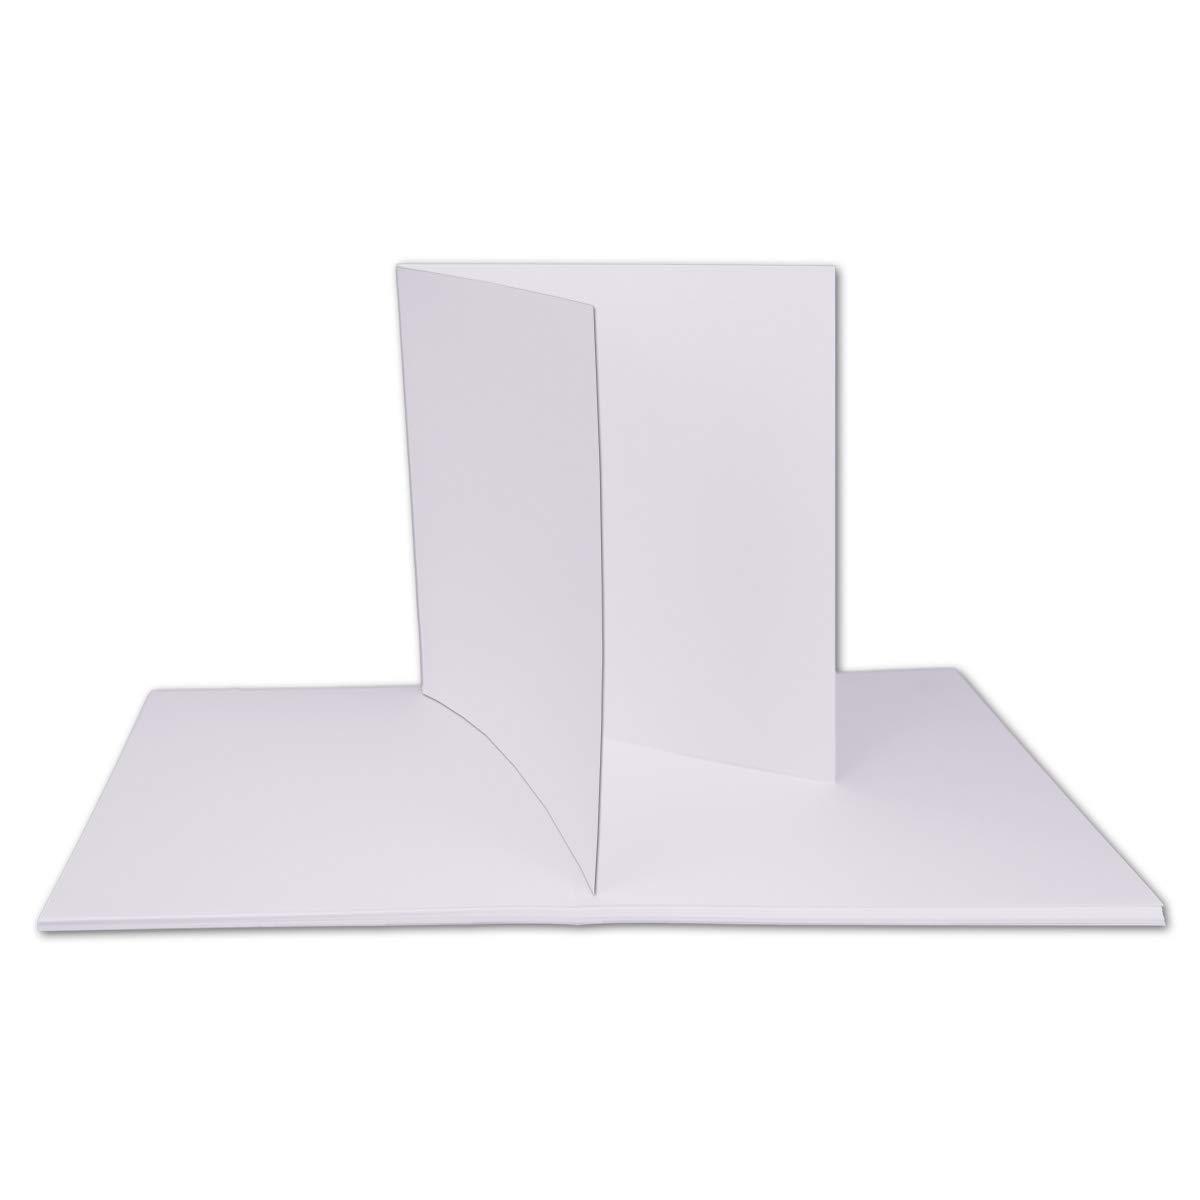 Quadratisches Falt-Karten-Set I 15 x 15 cm cm cm - mit Brief-Umschlägen & Einlege-Blätter I Royalblau I 75 Stück I KomplettpaketI Qualitätsmarke  FarbenFroh® von GUSTAV NEUSER® B07Q5X2FYY | Verkauf  c0f645